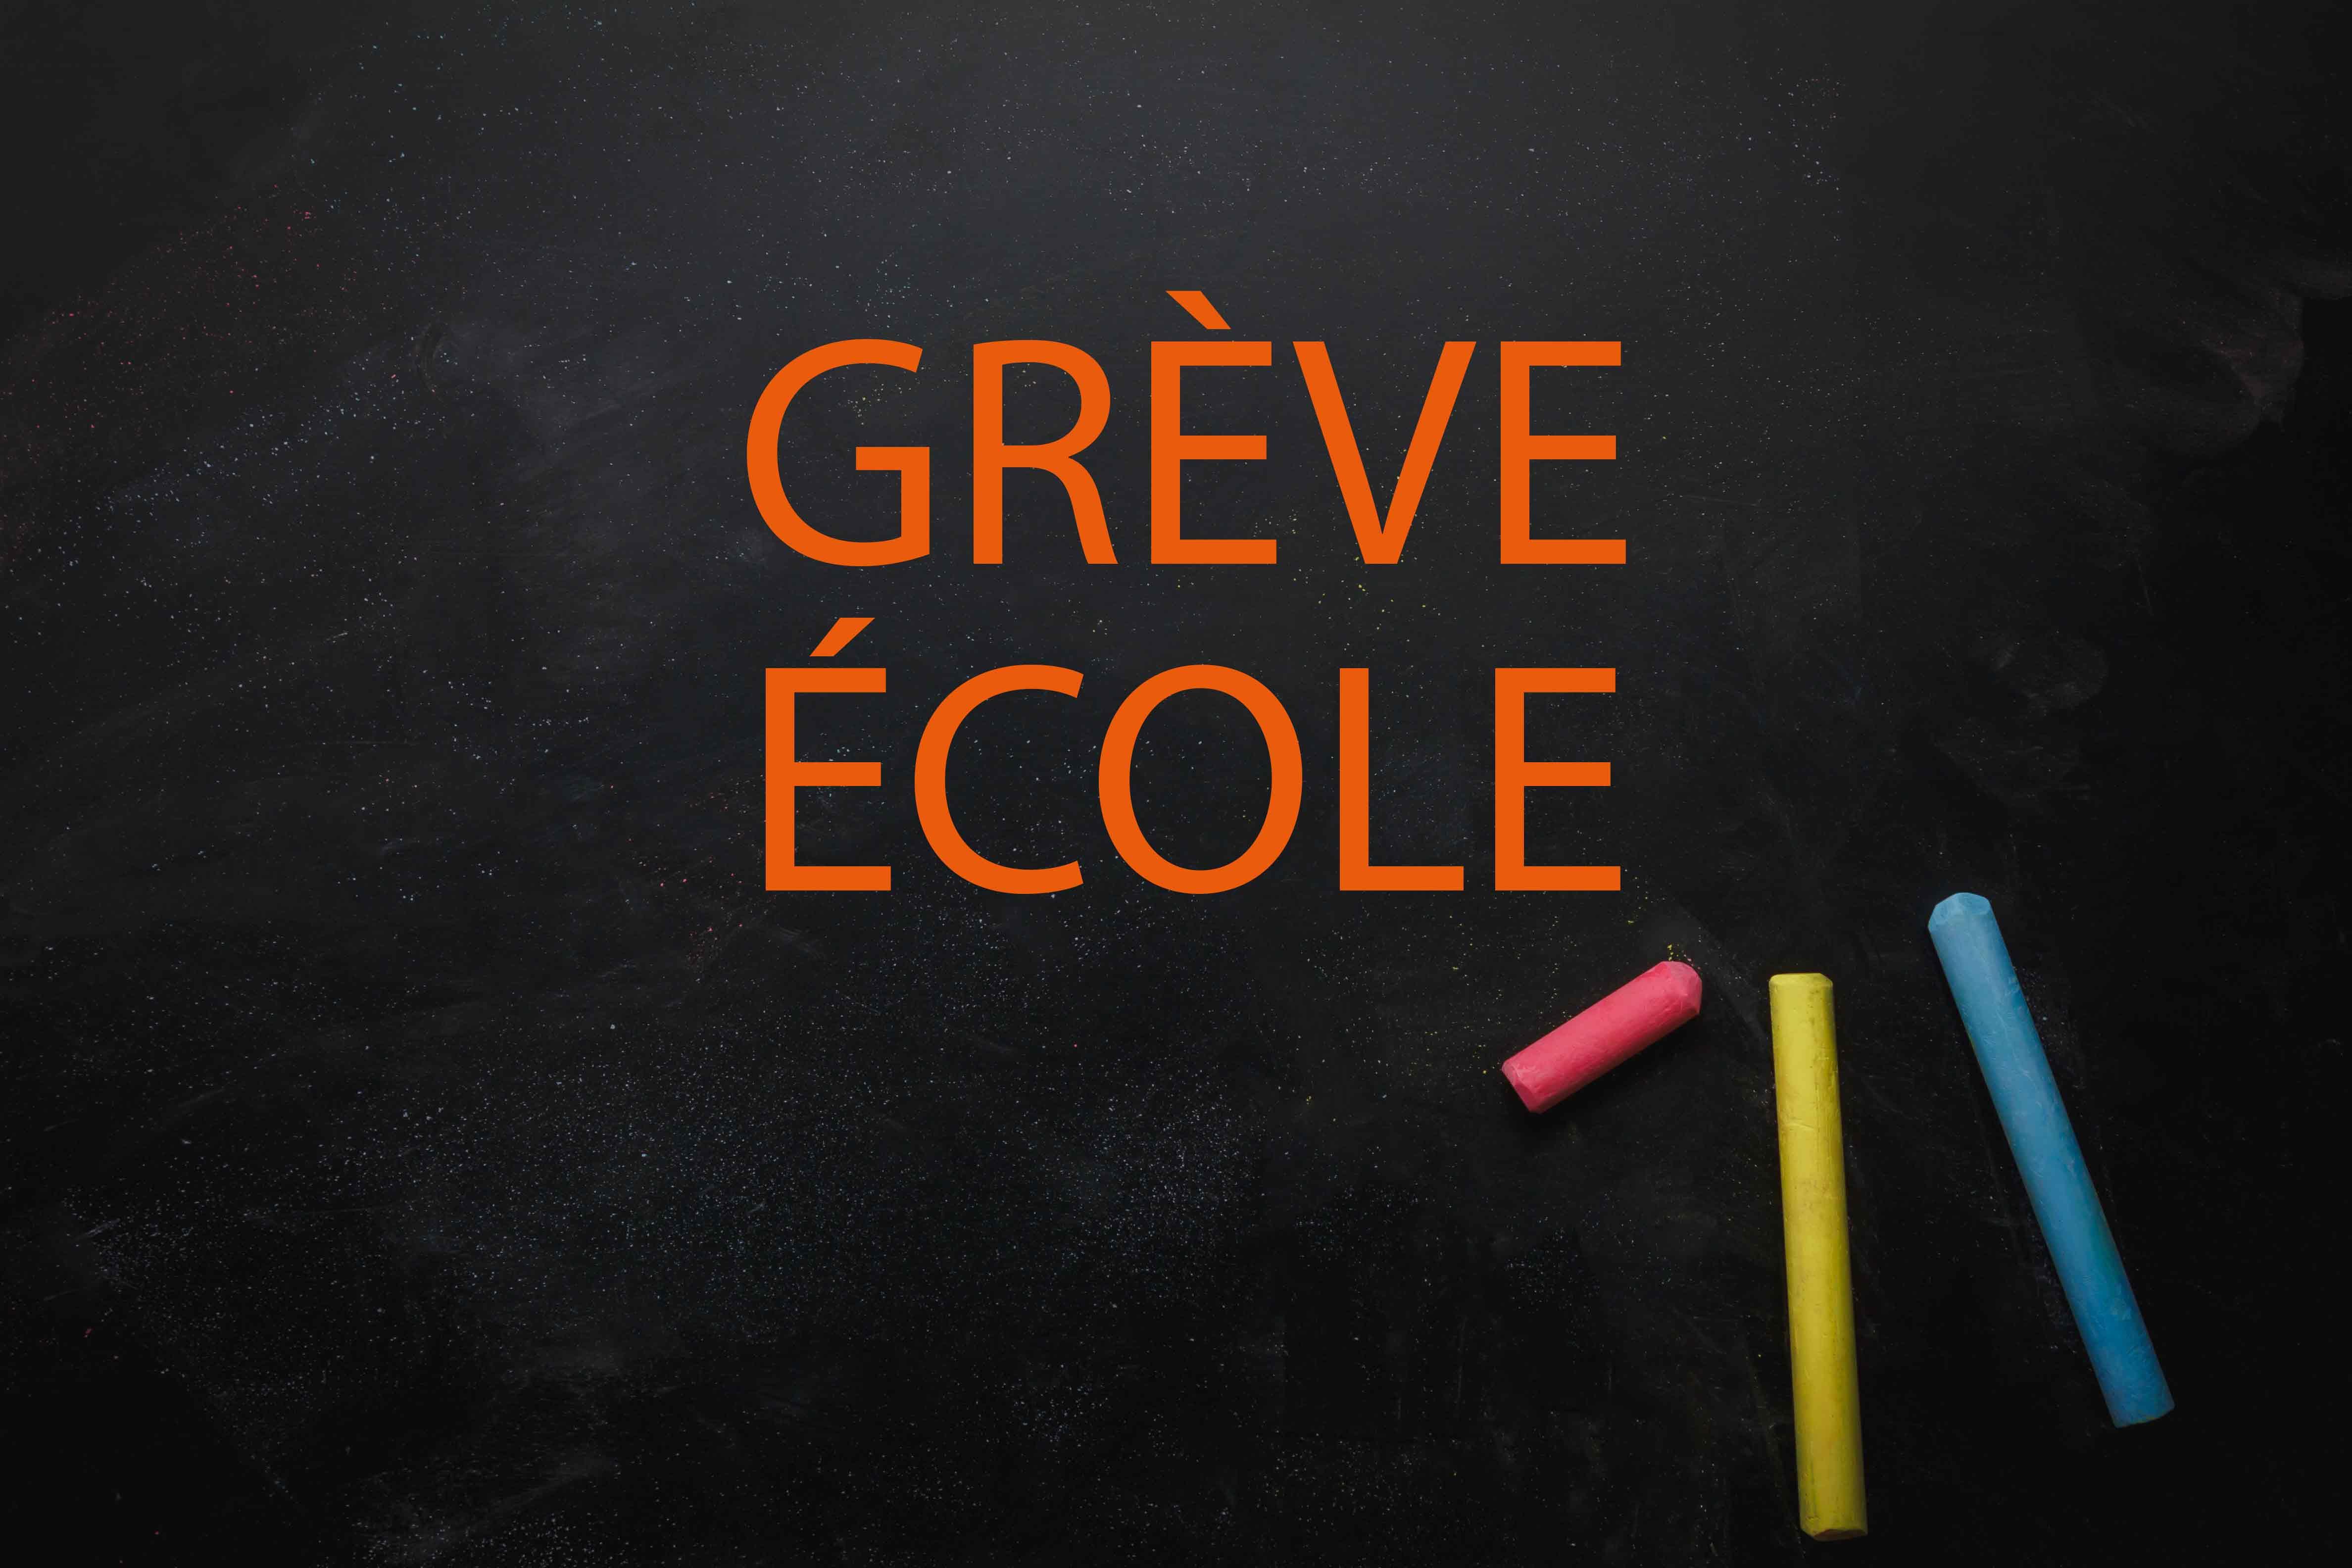 Grève école vendredi 24 janvier : fermeture des écoles élémentaires / pas de cantine en maternelle